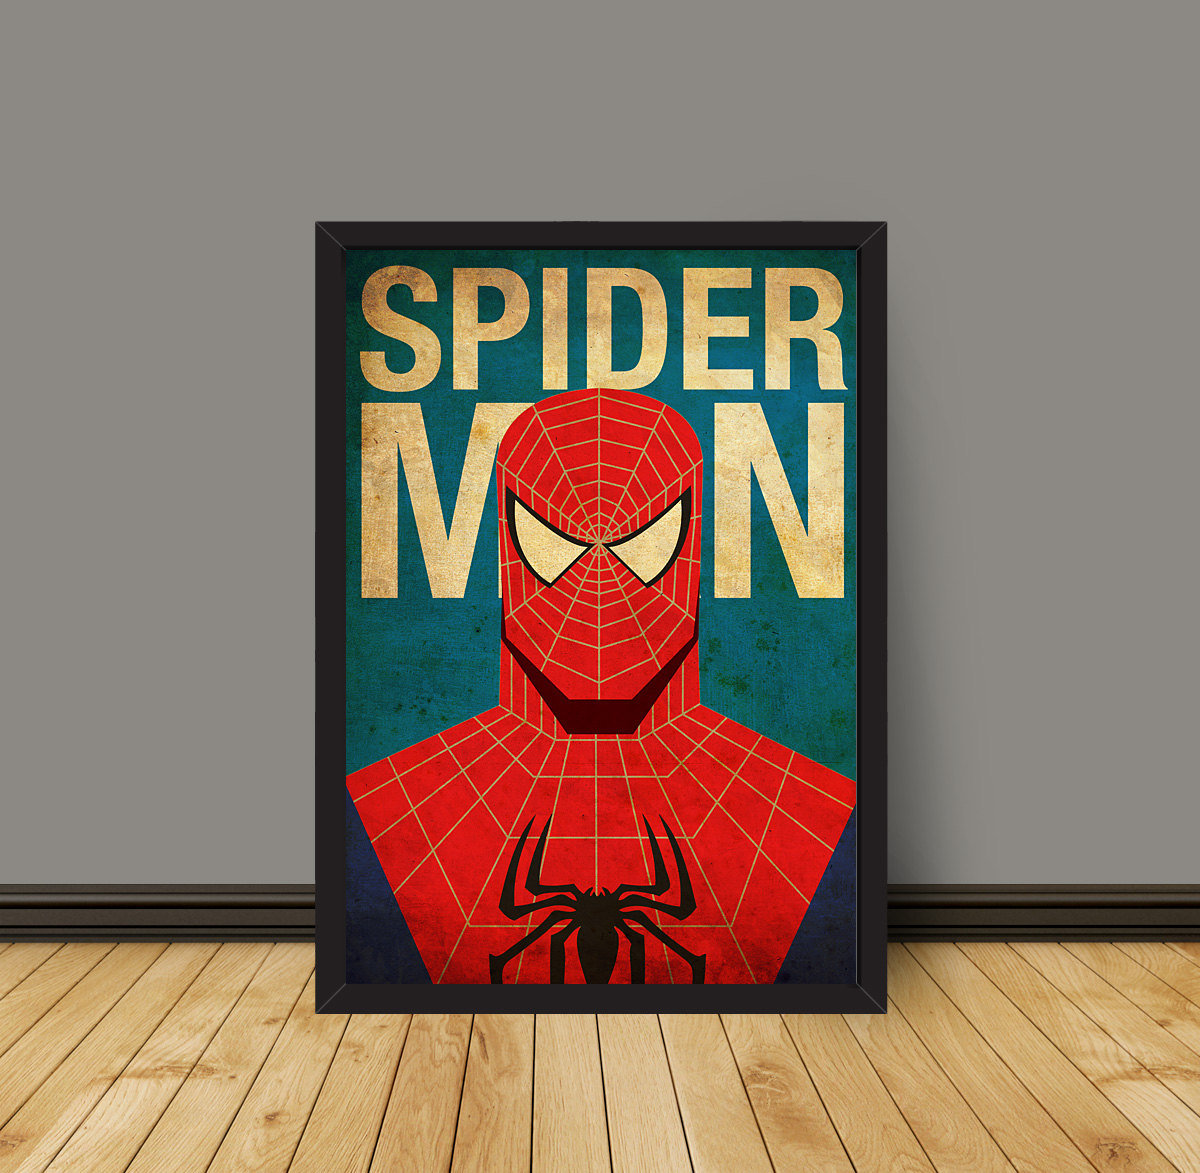 долю рынка постеры с супергероями фото было расстройств, чтобы